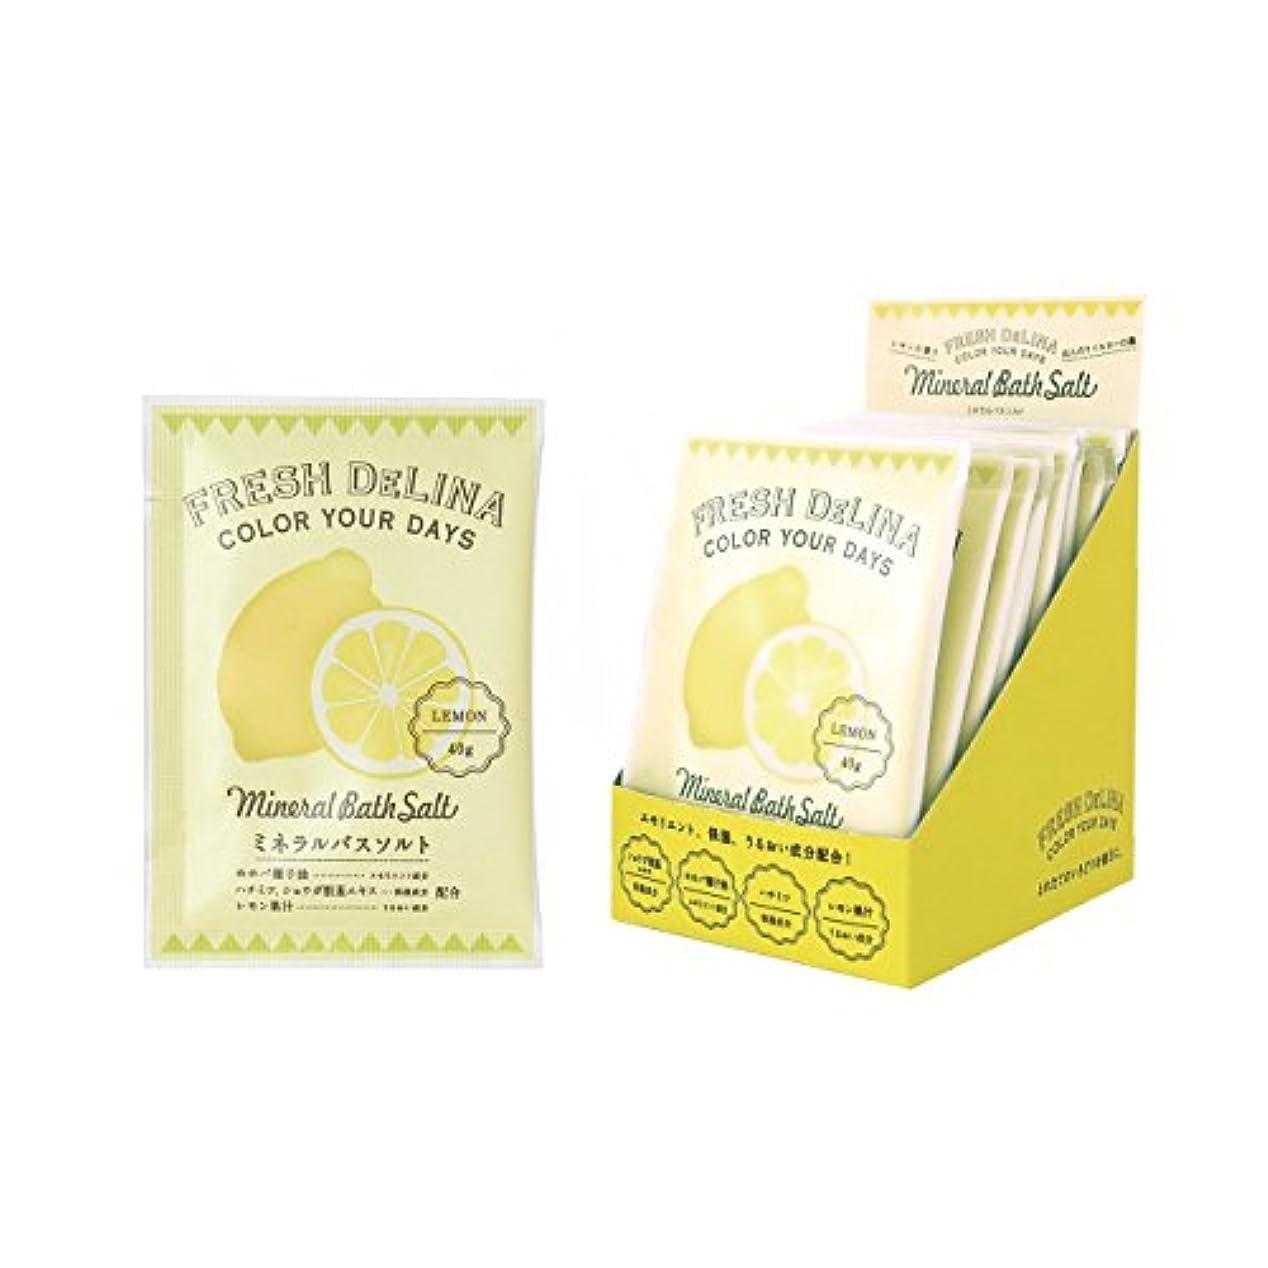 フレッシュデリーナ ミネラルバスソルト40g(レモン) 12個 (海塩タイプ入浴料 日本製 どこかなつかしいフレッシュなレモンの香り)